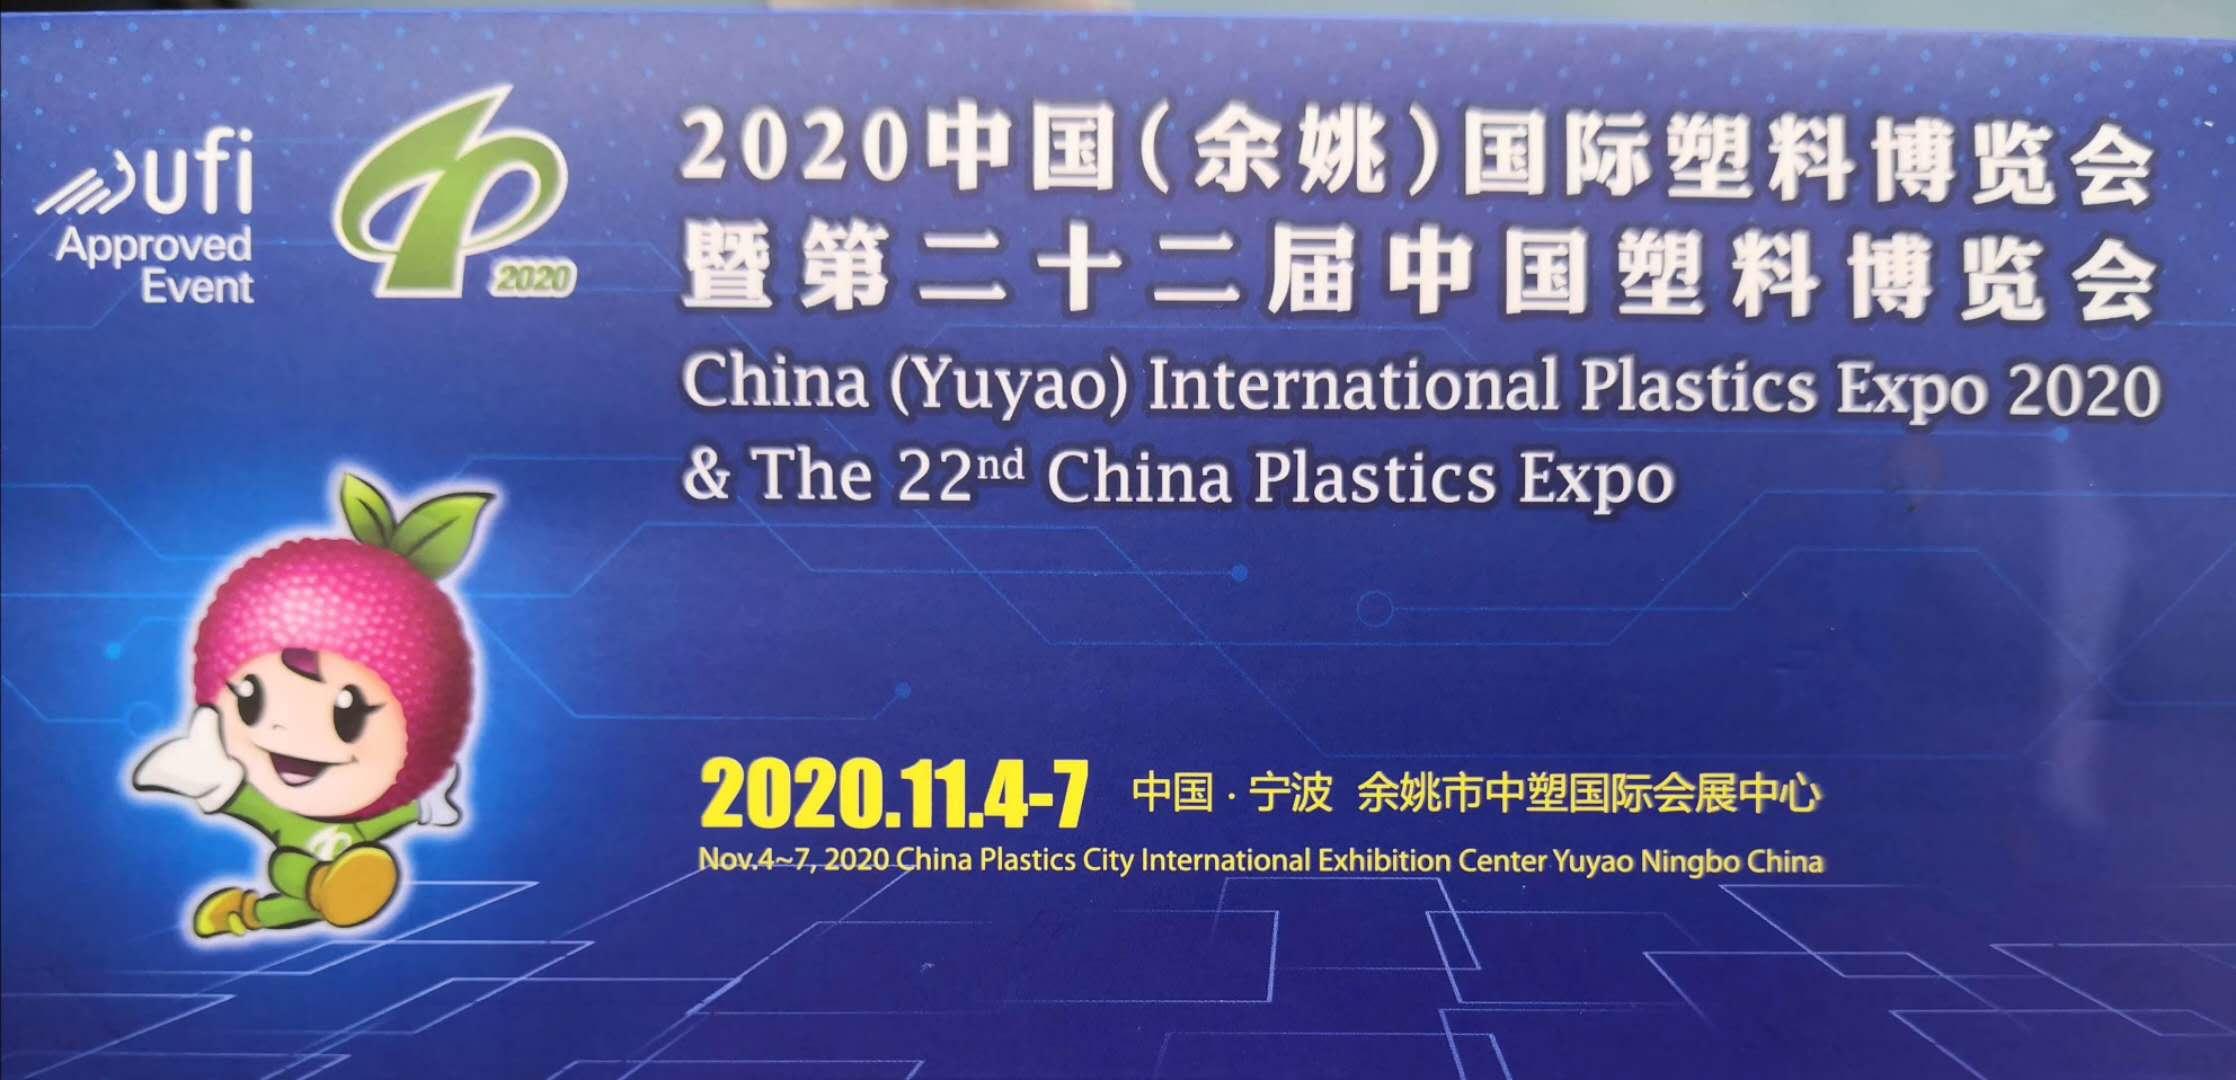 第二十二届中国塑料博览会隆重开幕